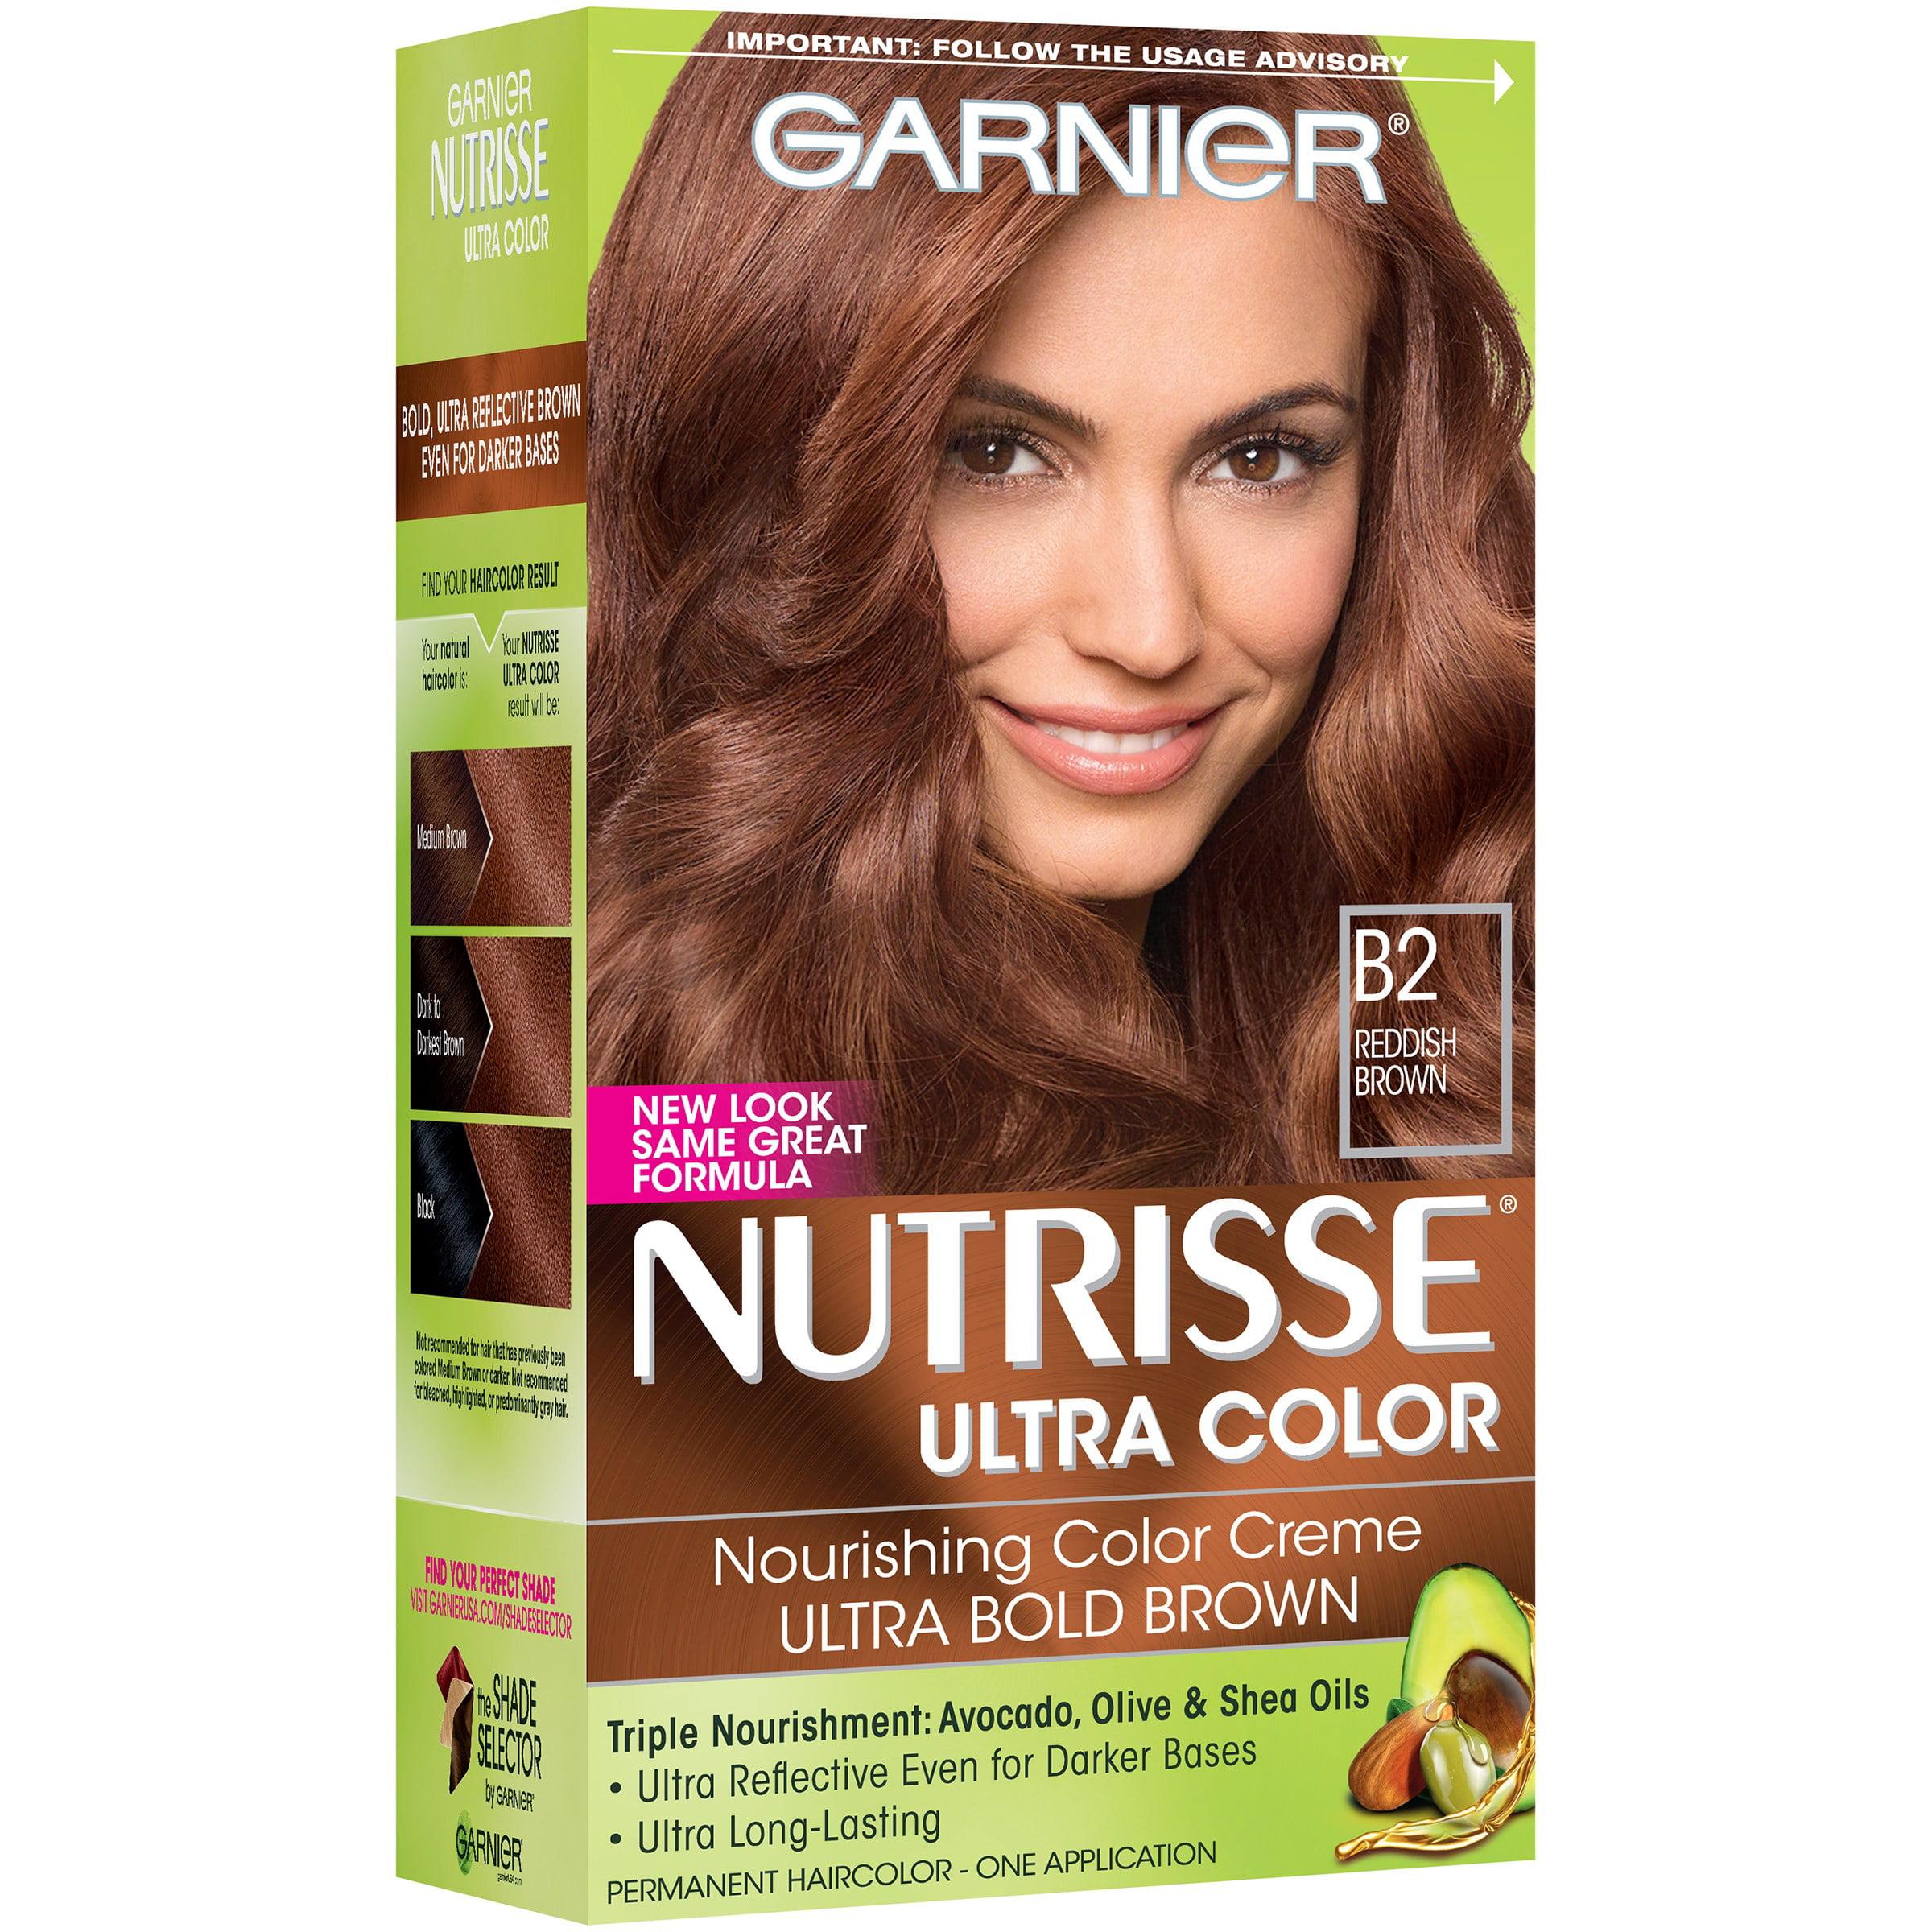 Garnier Nutrisse Ultra Color Nourishing Color Creme, B2 Reddish Brown